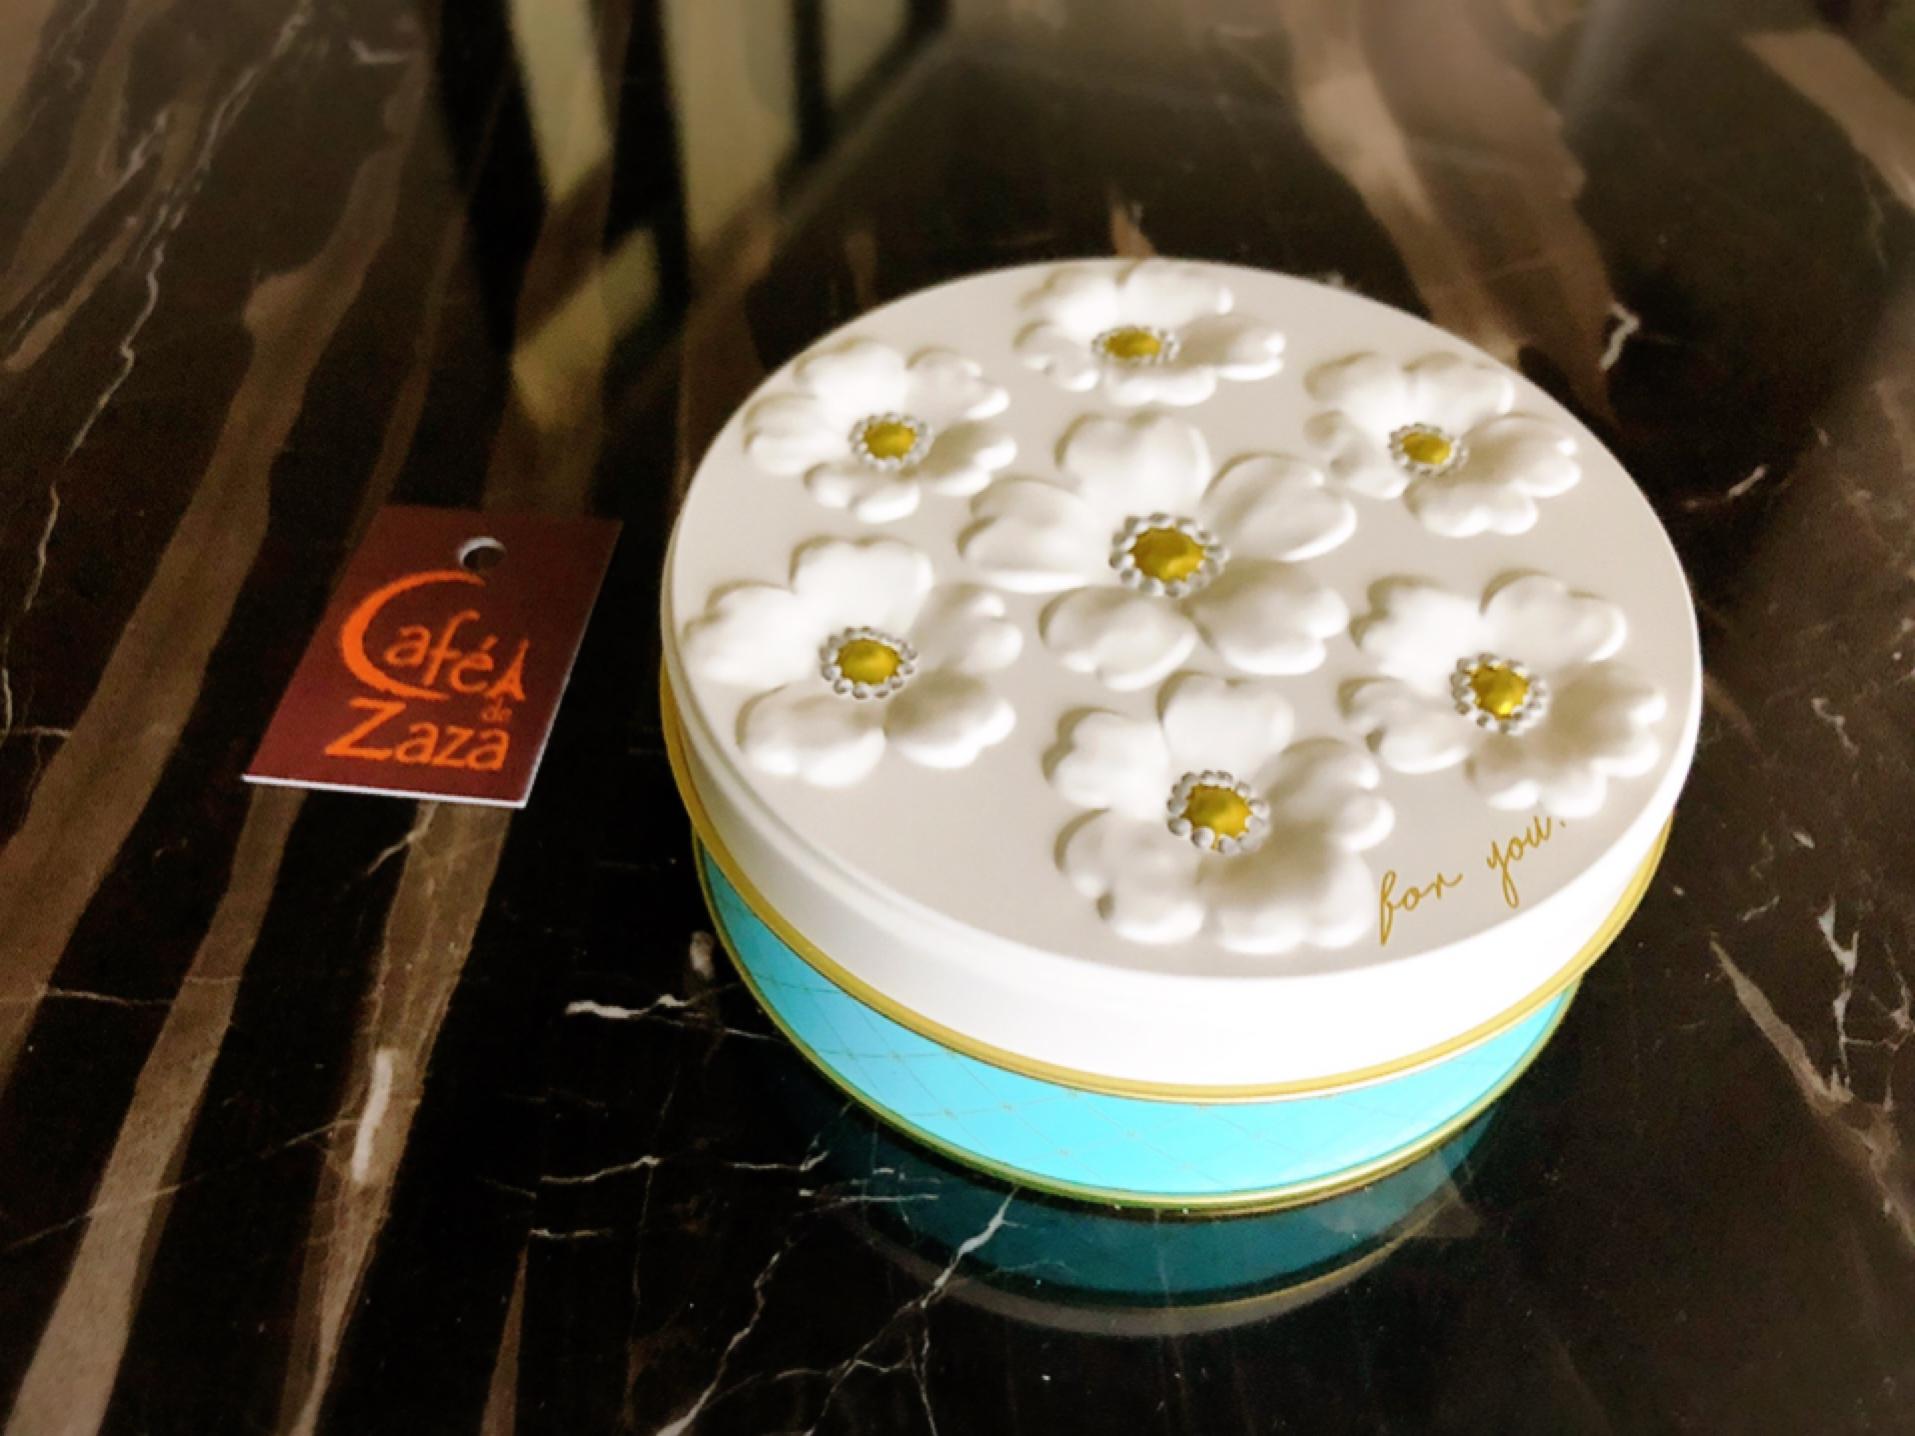 【北海道お取寄せ♡Café de Zaza】大人気1年待ち⁉︎お花のジャムクッキーが美味しい❁可愛い❁_1